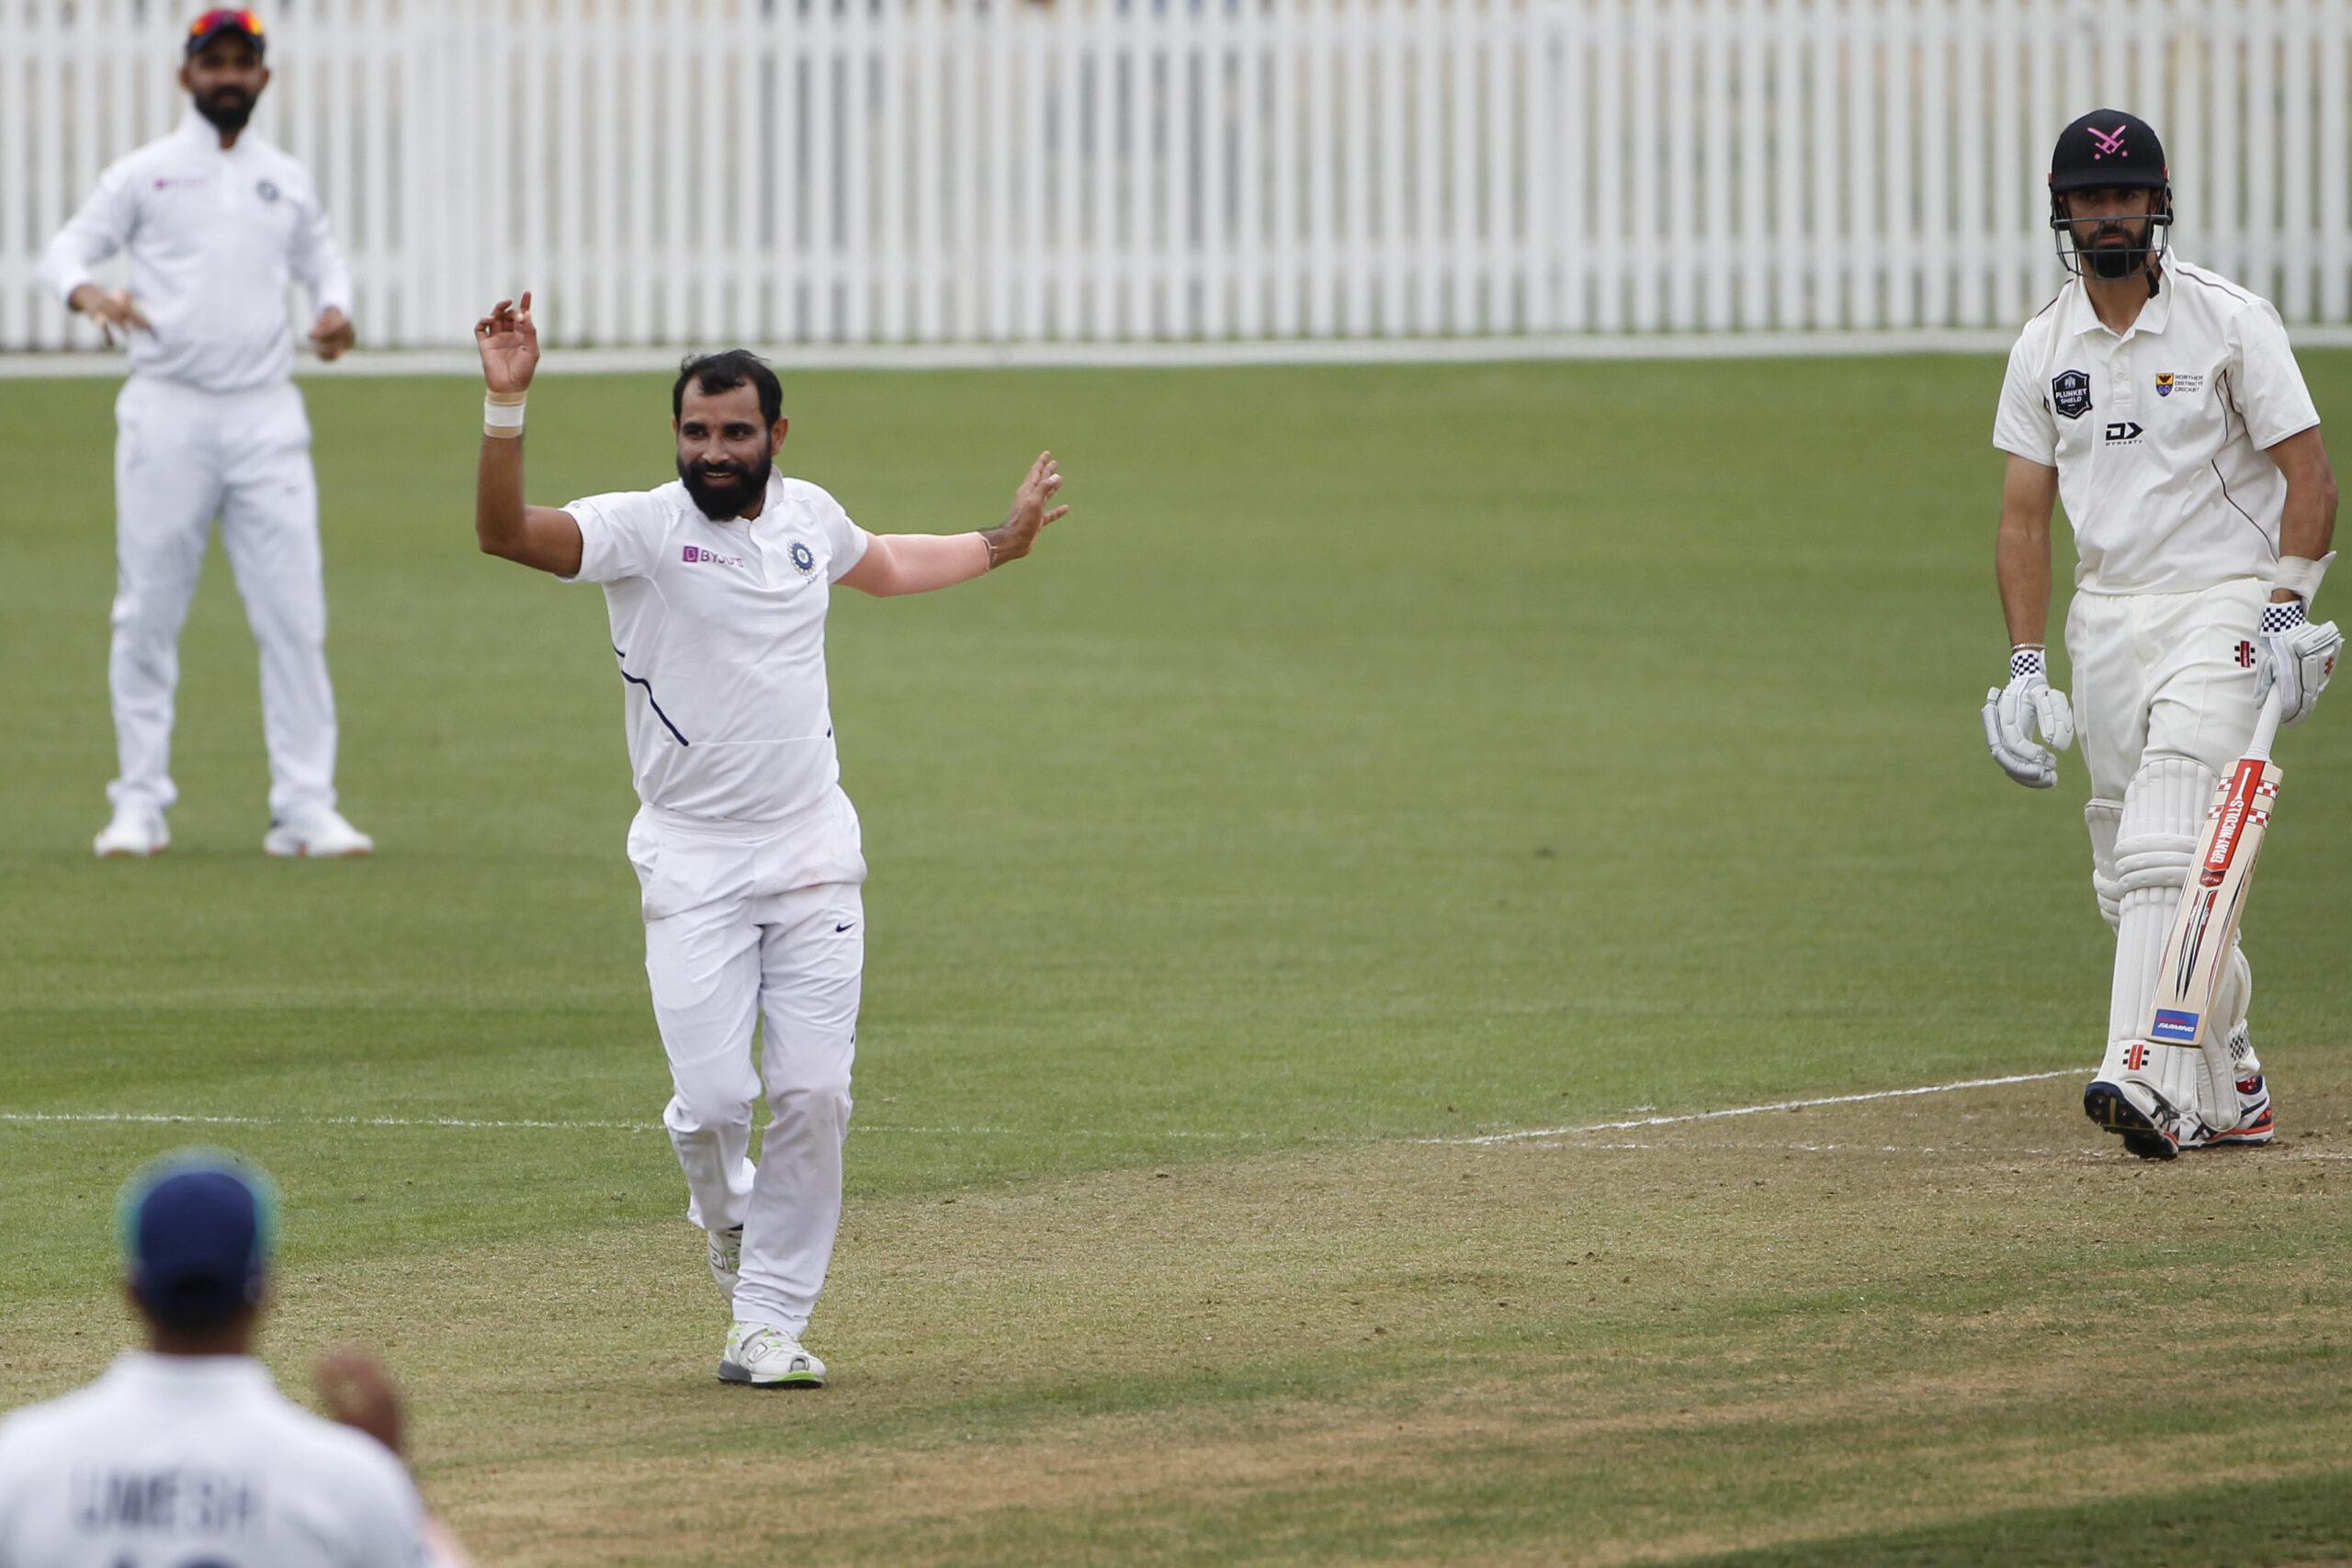 NZ XI vs IND: भारतीय टीम को गेंदबाजों ने दिलाया बढ़त, दूसरे पारी में ओपनरों की विस्फोटक शुरुआत 15